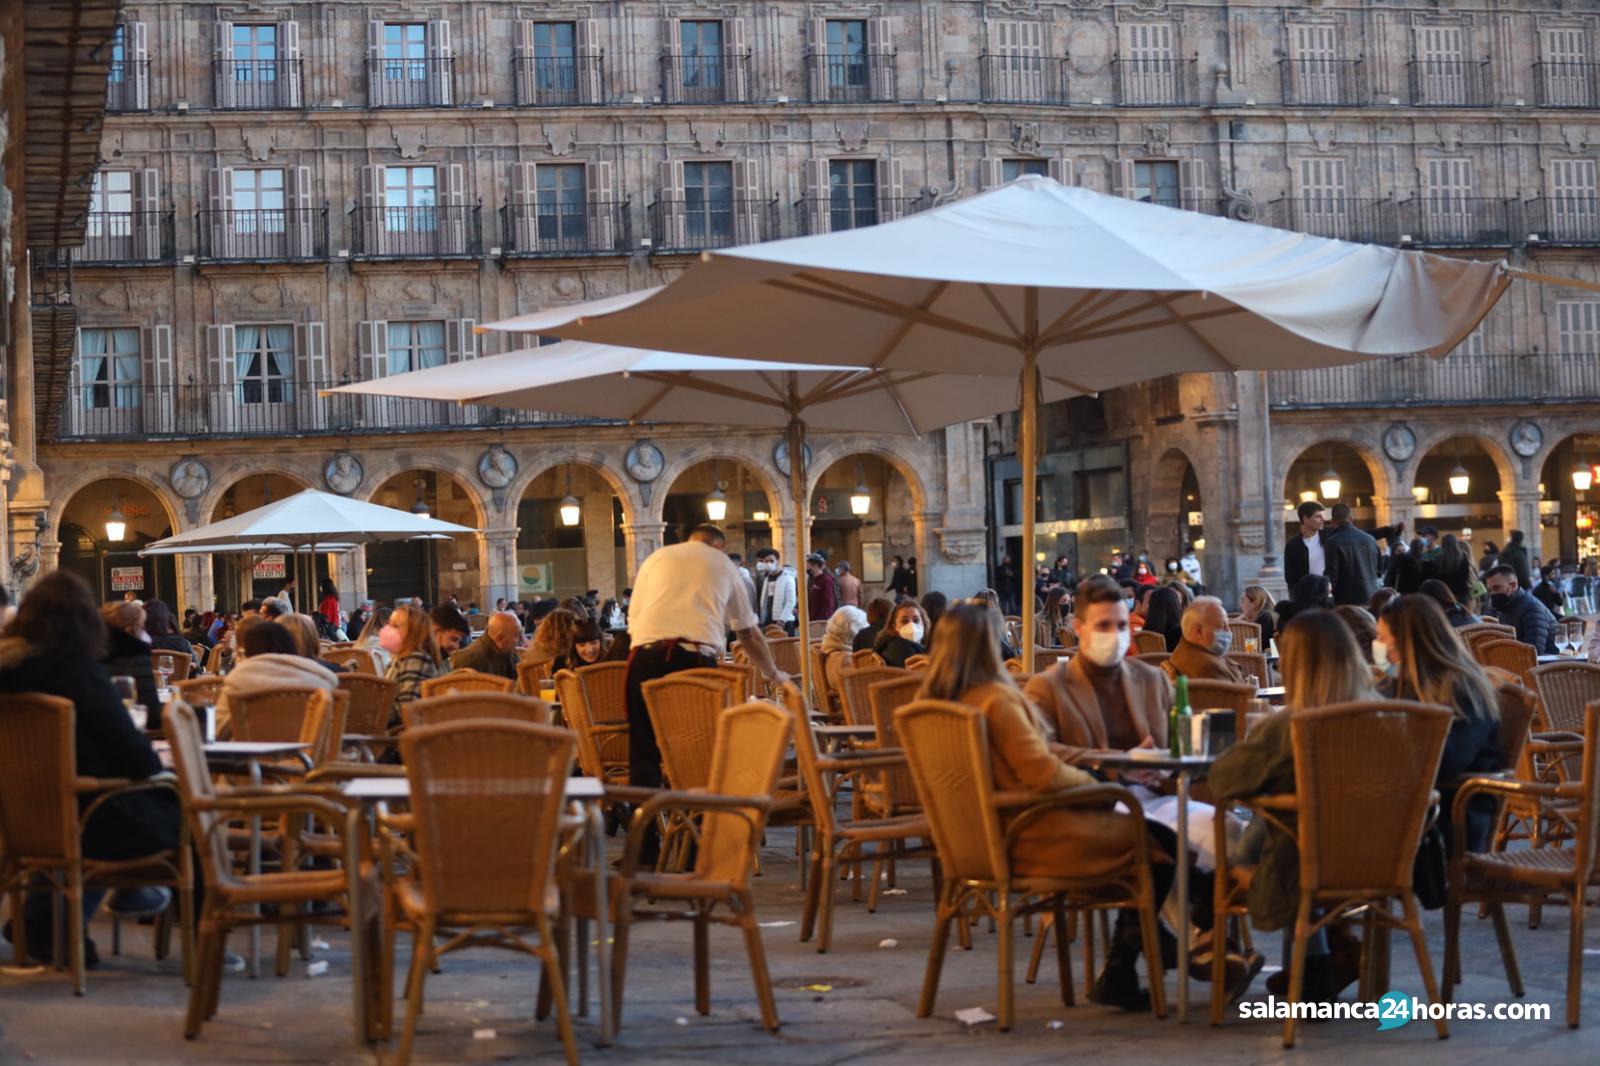 Buen ambiente de sábado antes del toque de queda en Salamanca (4)